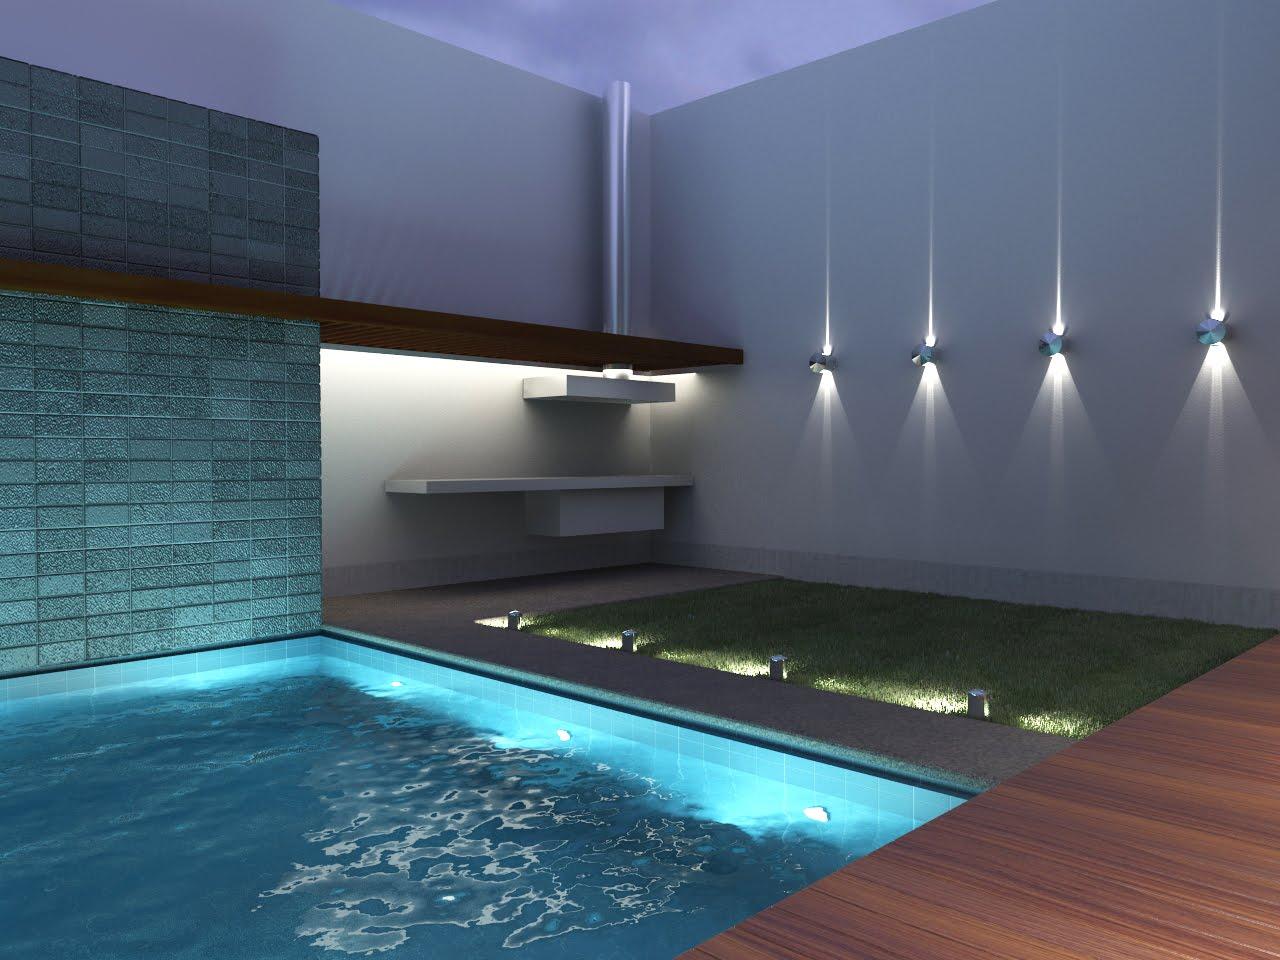 Martin ramirez 3d 3d piscina pimentel for Piscina 3d